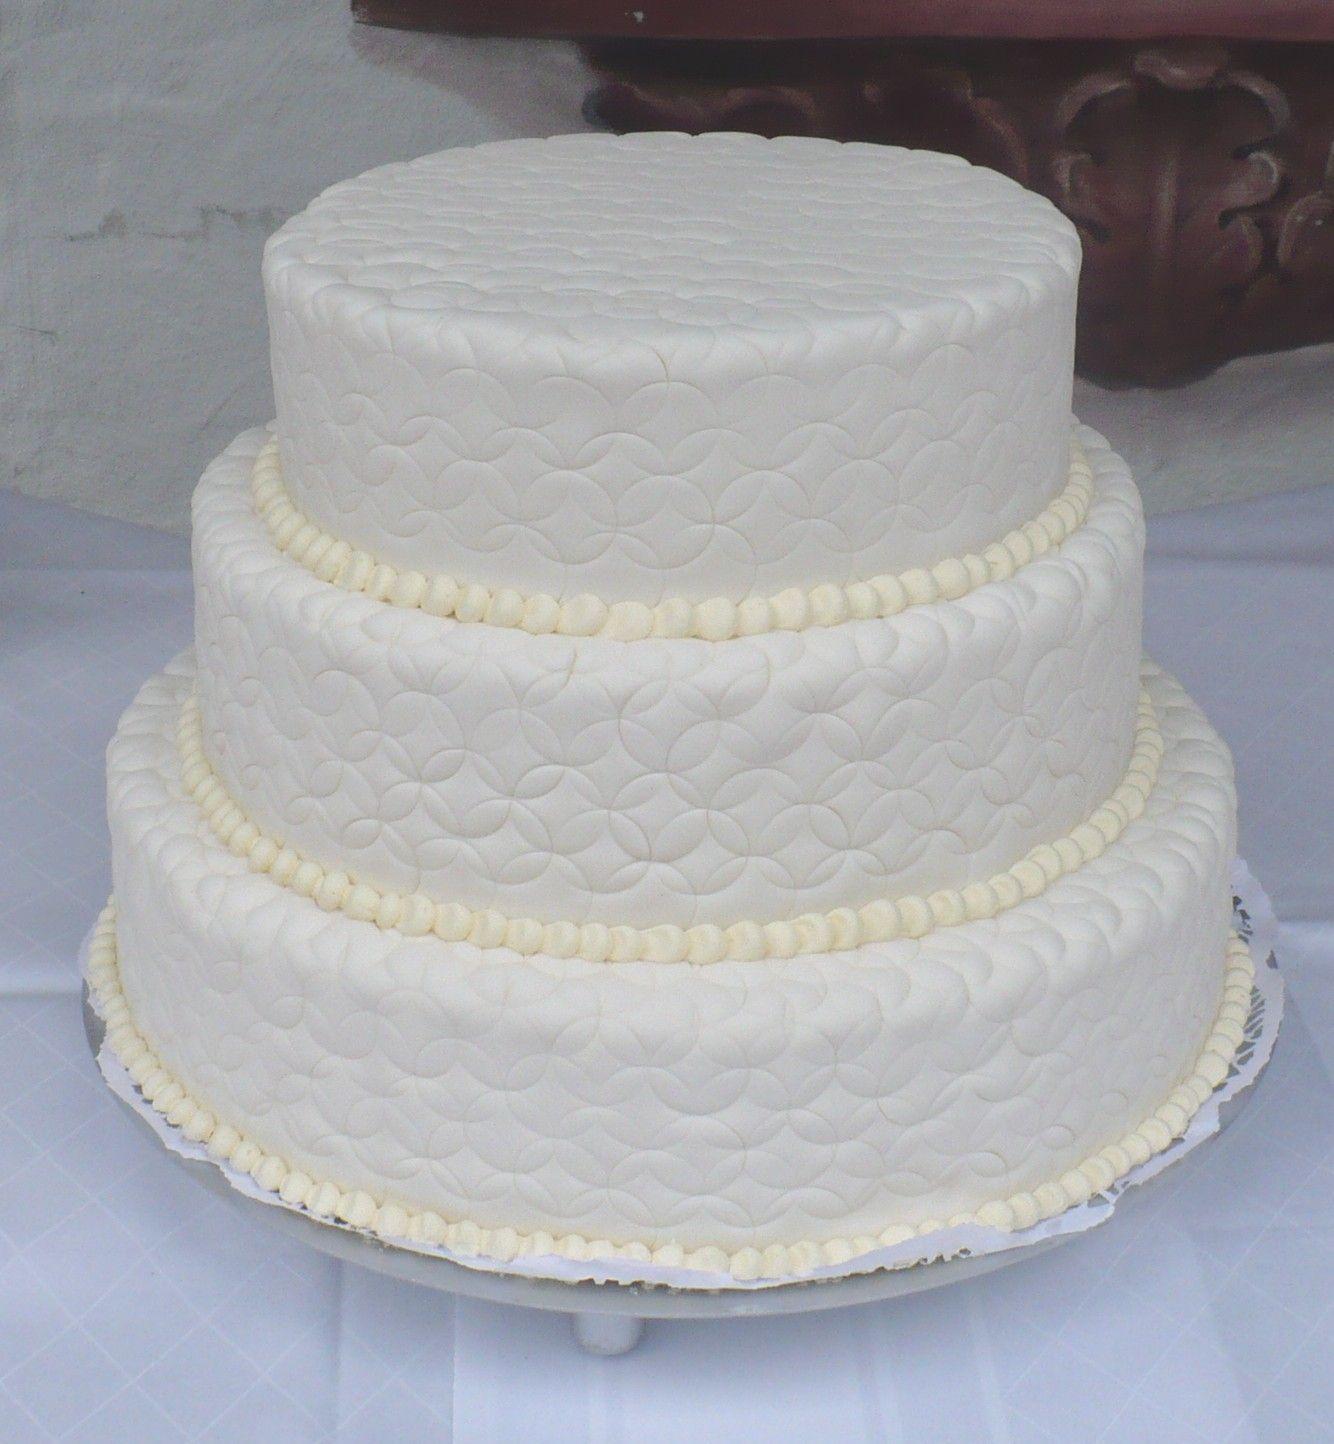 Sehr Schlichte Hochzeitstorte In Weiss Simple And Pure White